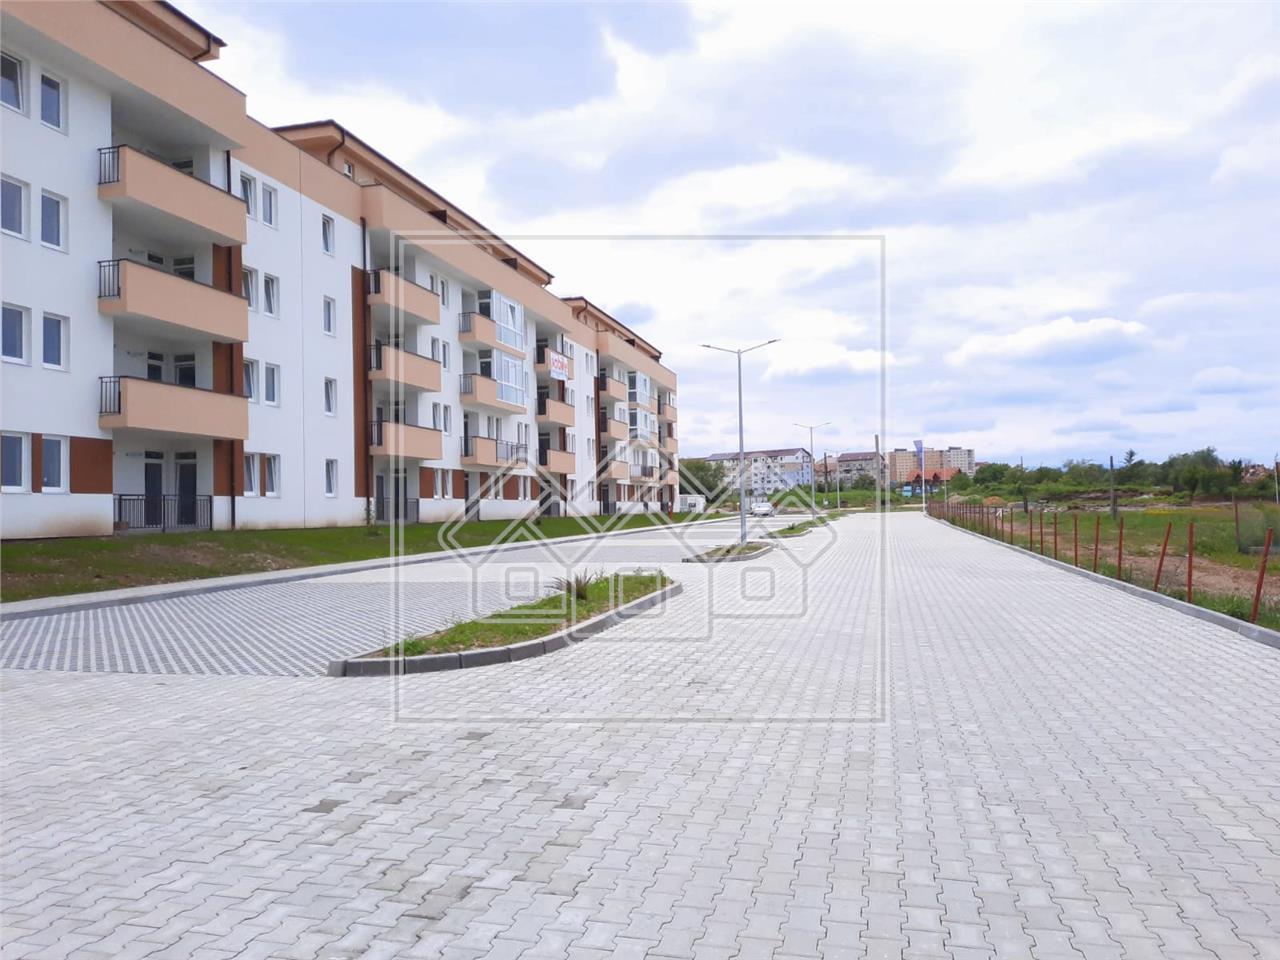 Apartament de vanzare in Sibiu - 2 camere si 2 balcoane - zona PREMIUM